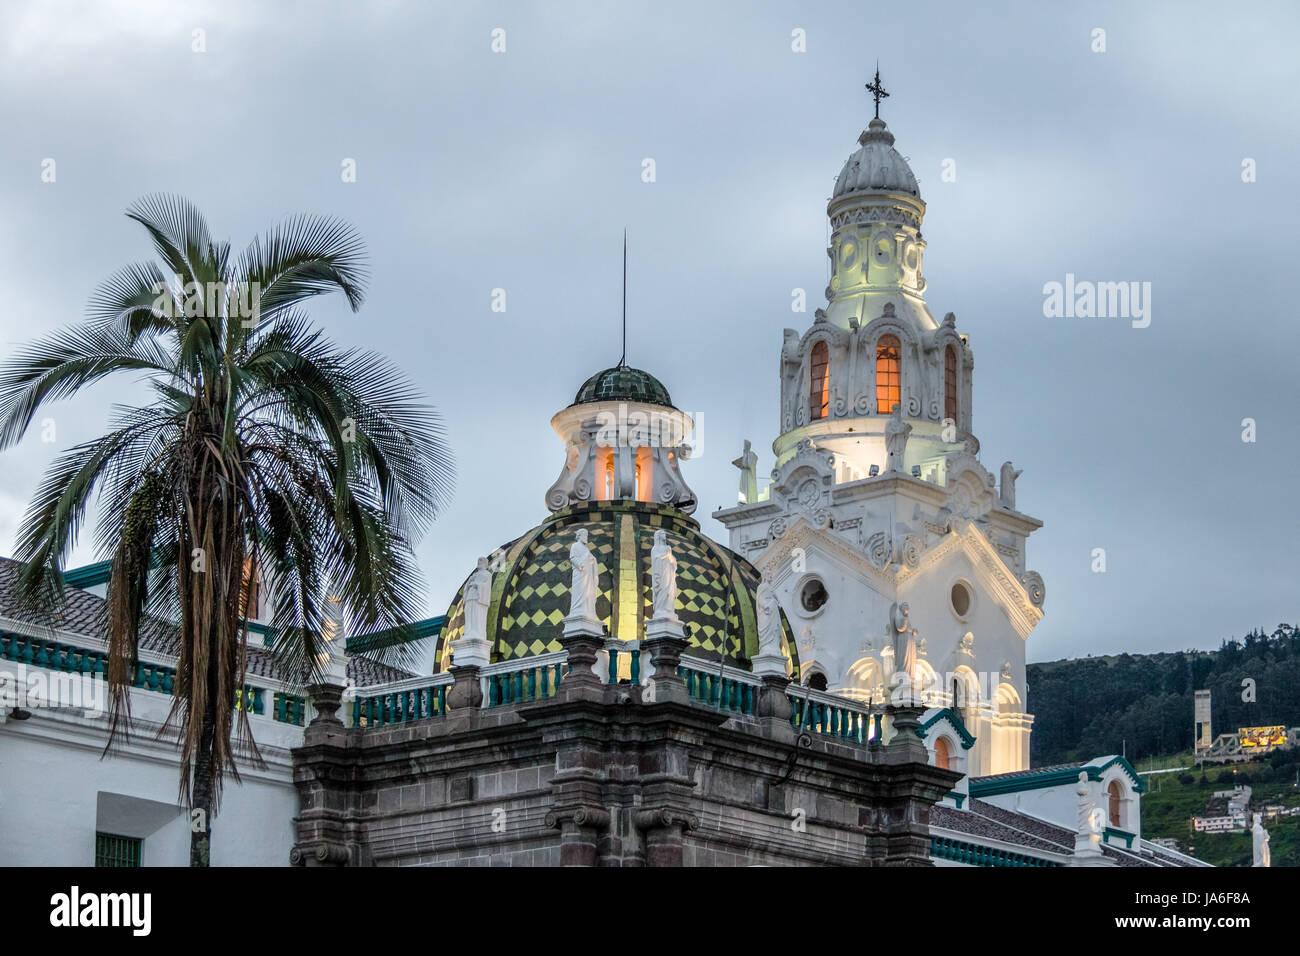 Cathédrale Métropolitaine - Quito, Équateur Photo Stock